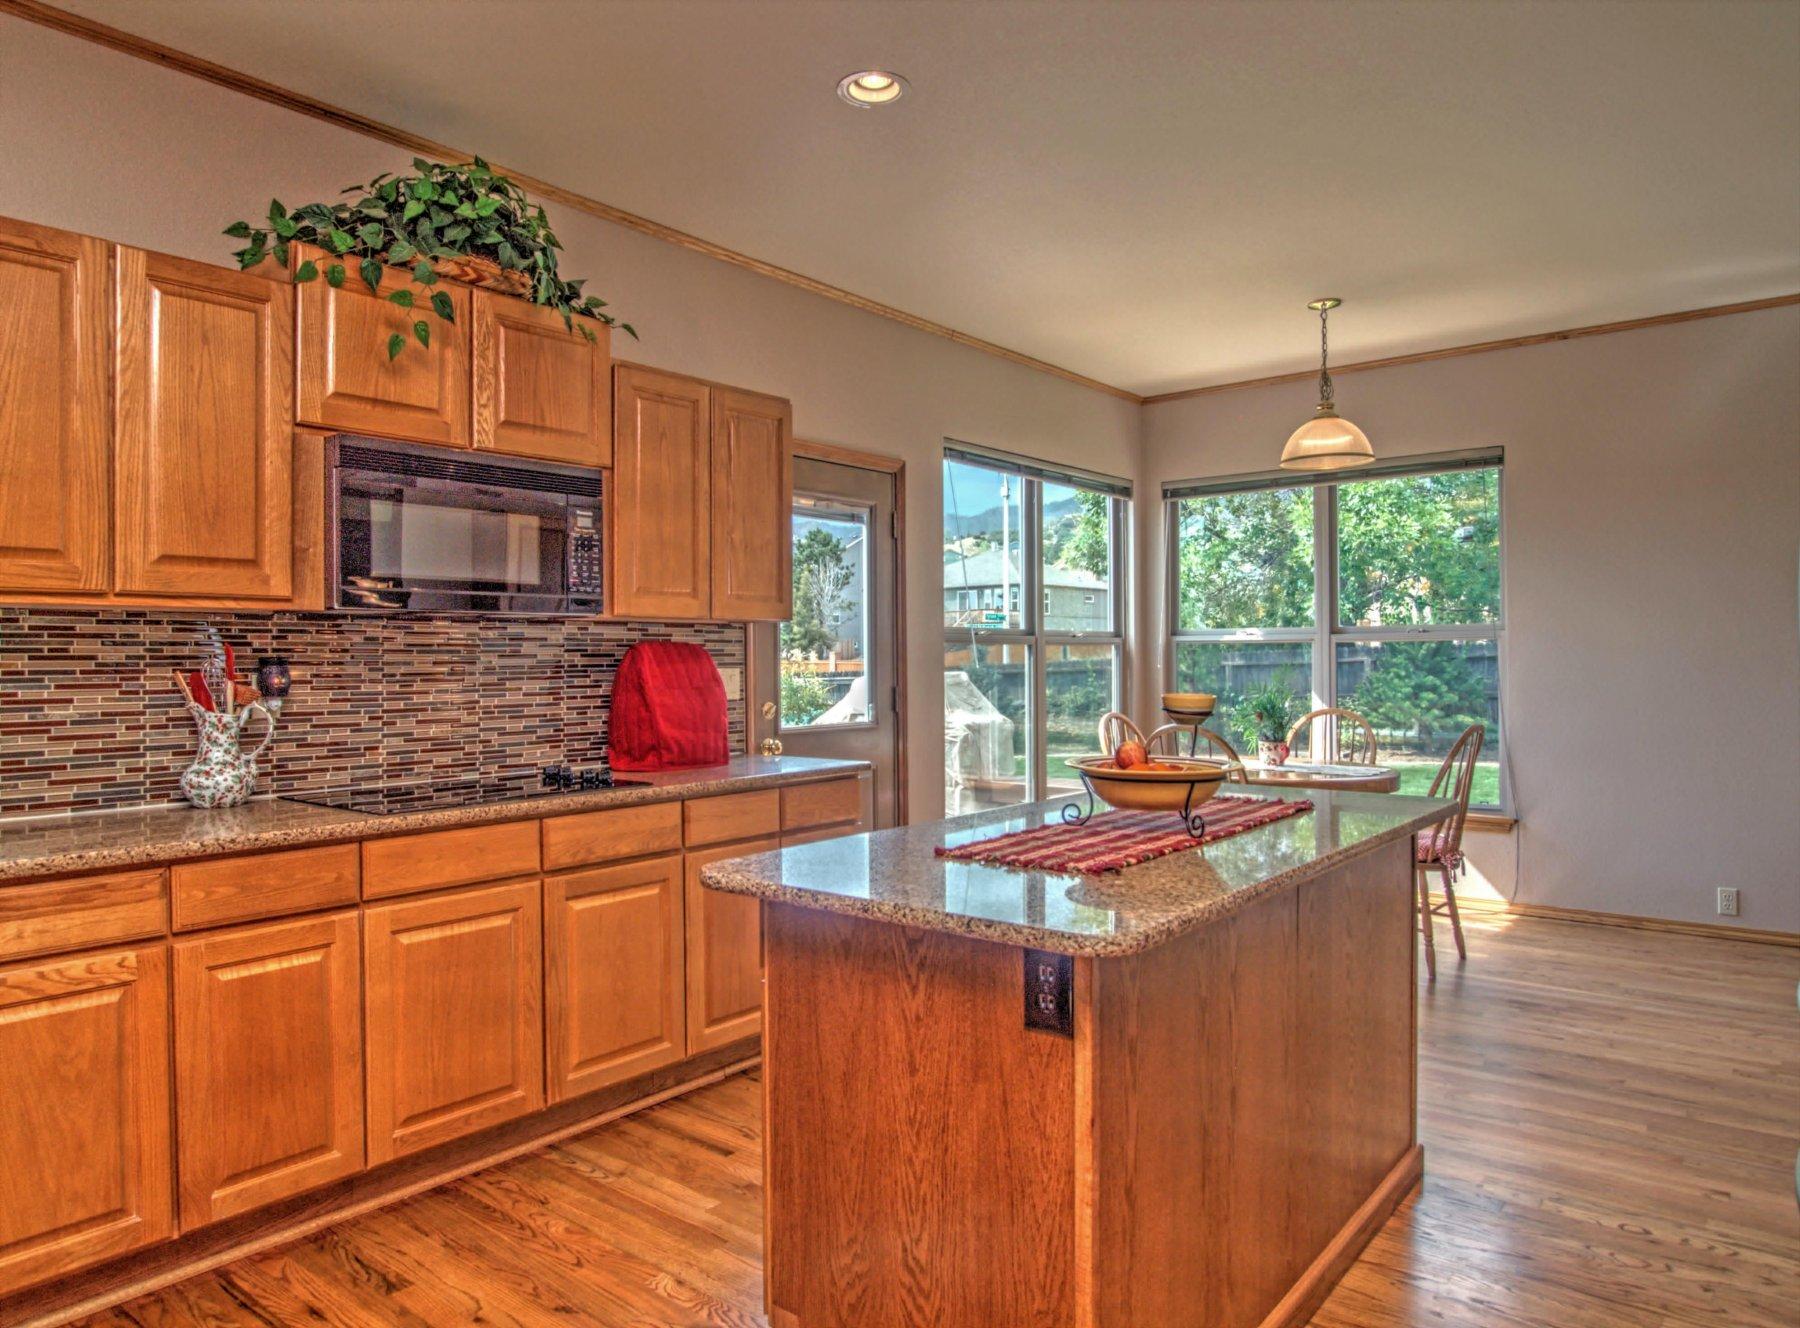 13-1355-Kitchen2.jpg